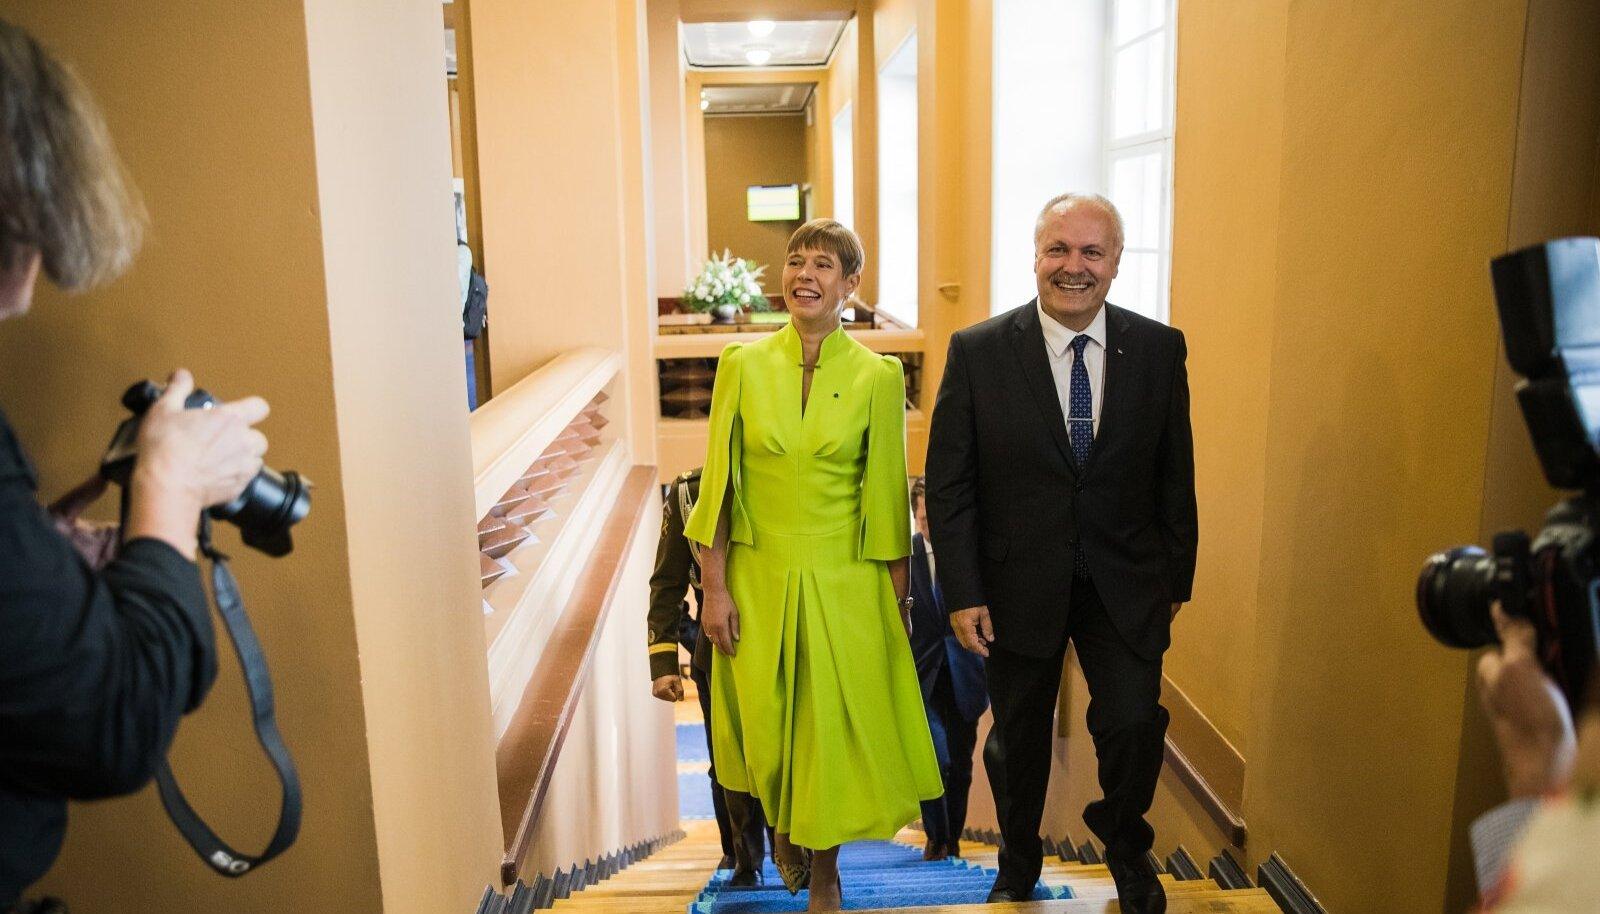 President Kaljulaid ja Henn Põlluaas sammusid riigikogu trepist üles, mõlemal lai naeratus näol. Mõned EKRE rahvasaadikud lahkusid küll Kaljulaidi kõne ajal saalist, aga paljud jäid siiski paigale.